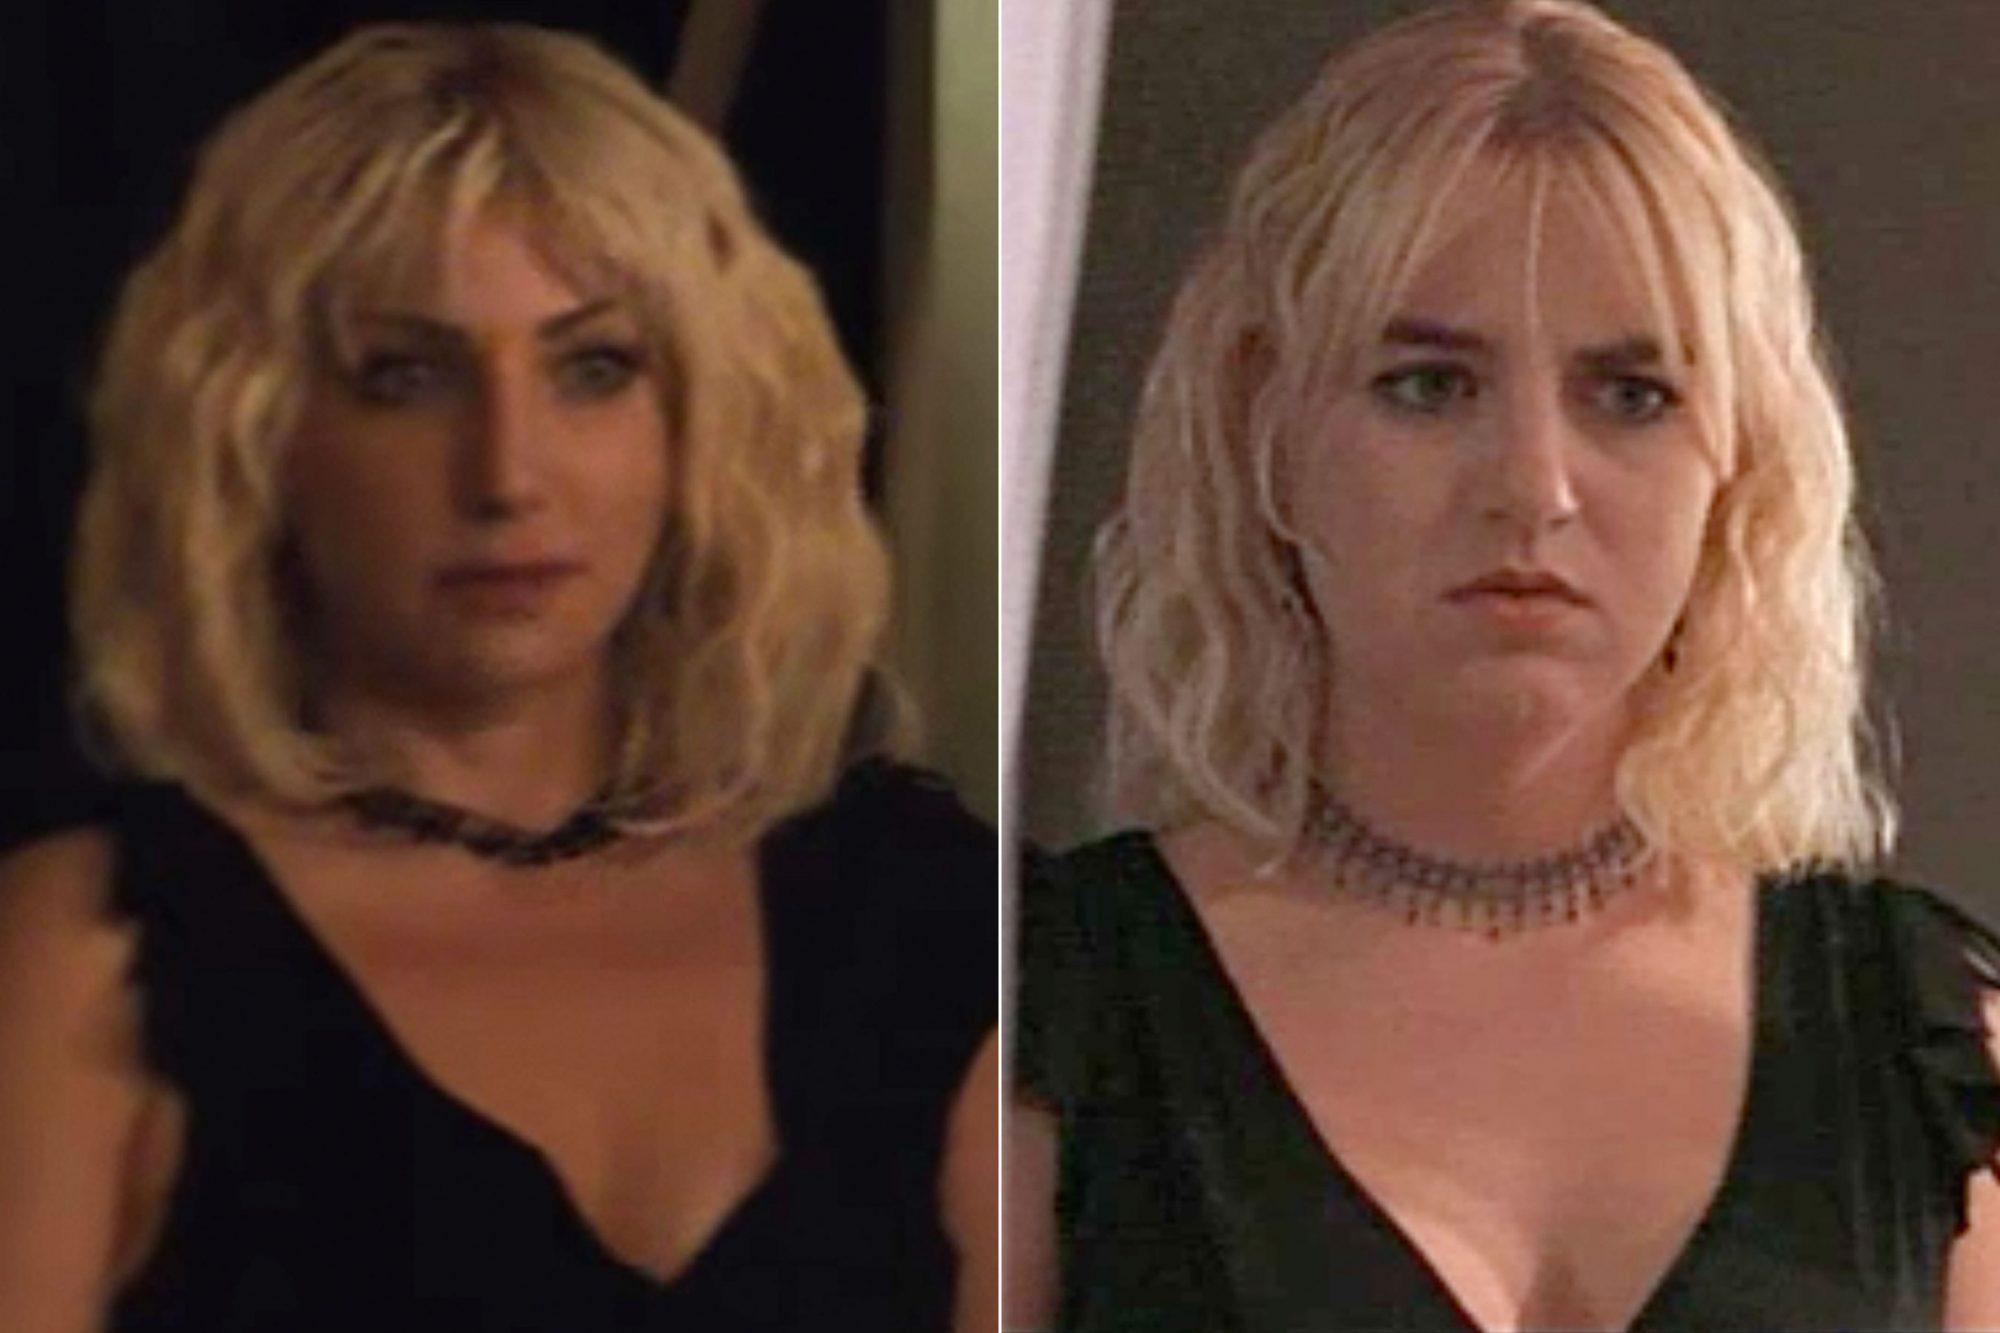 Ari Graynor as Juliette Danielle